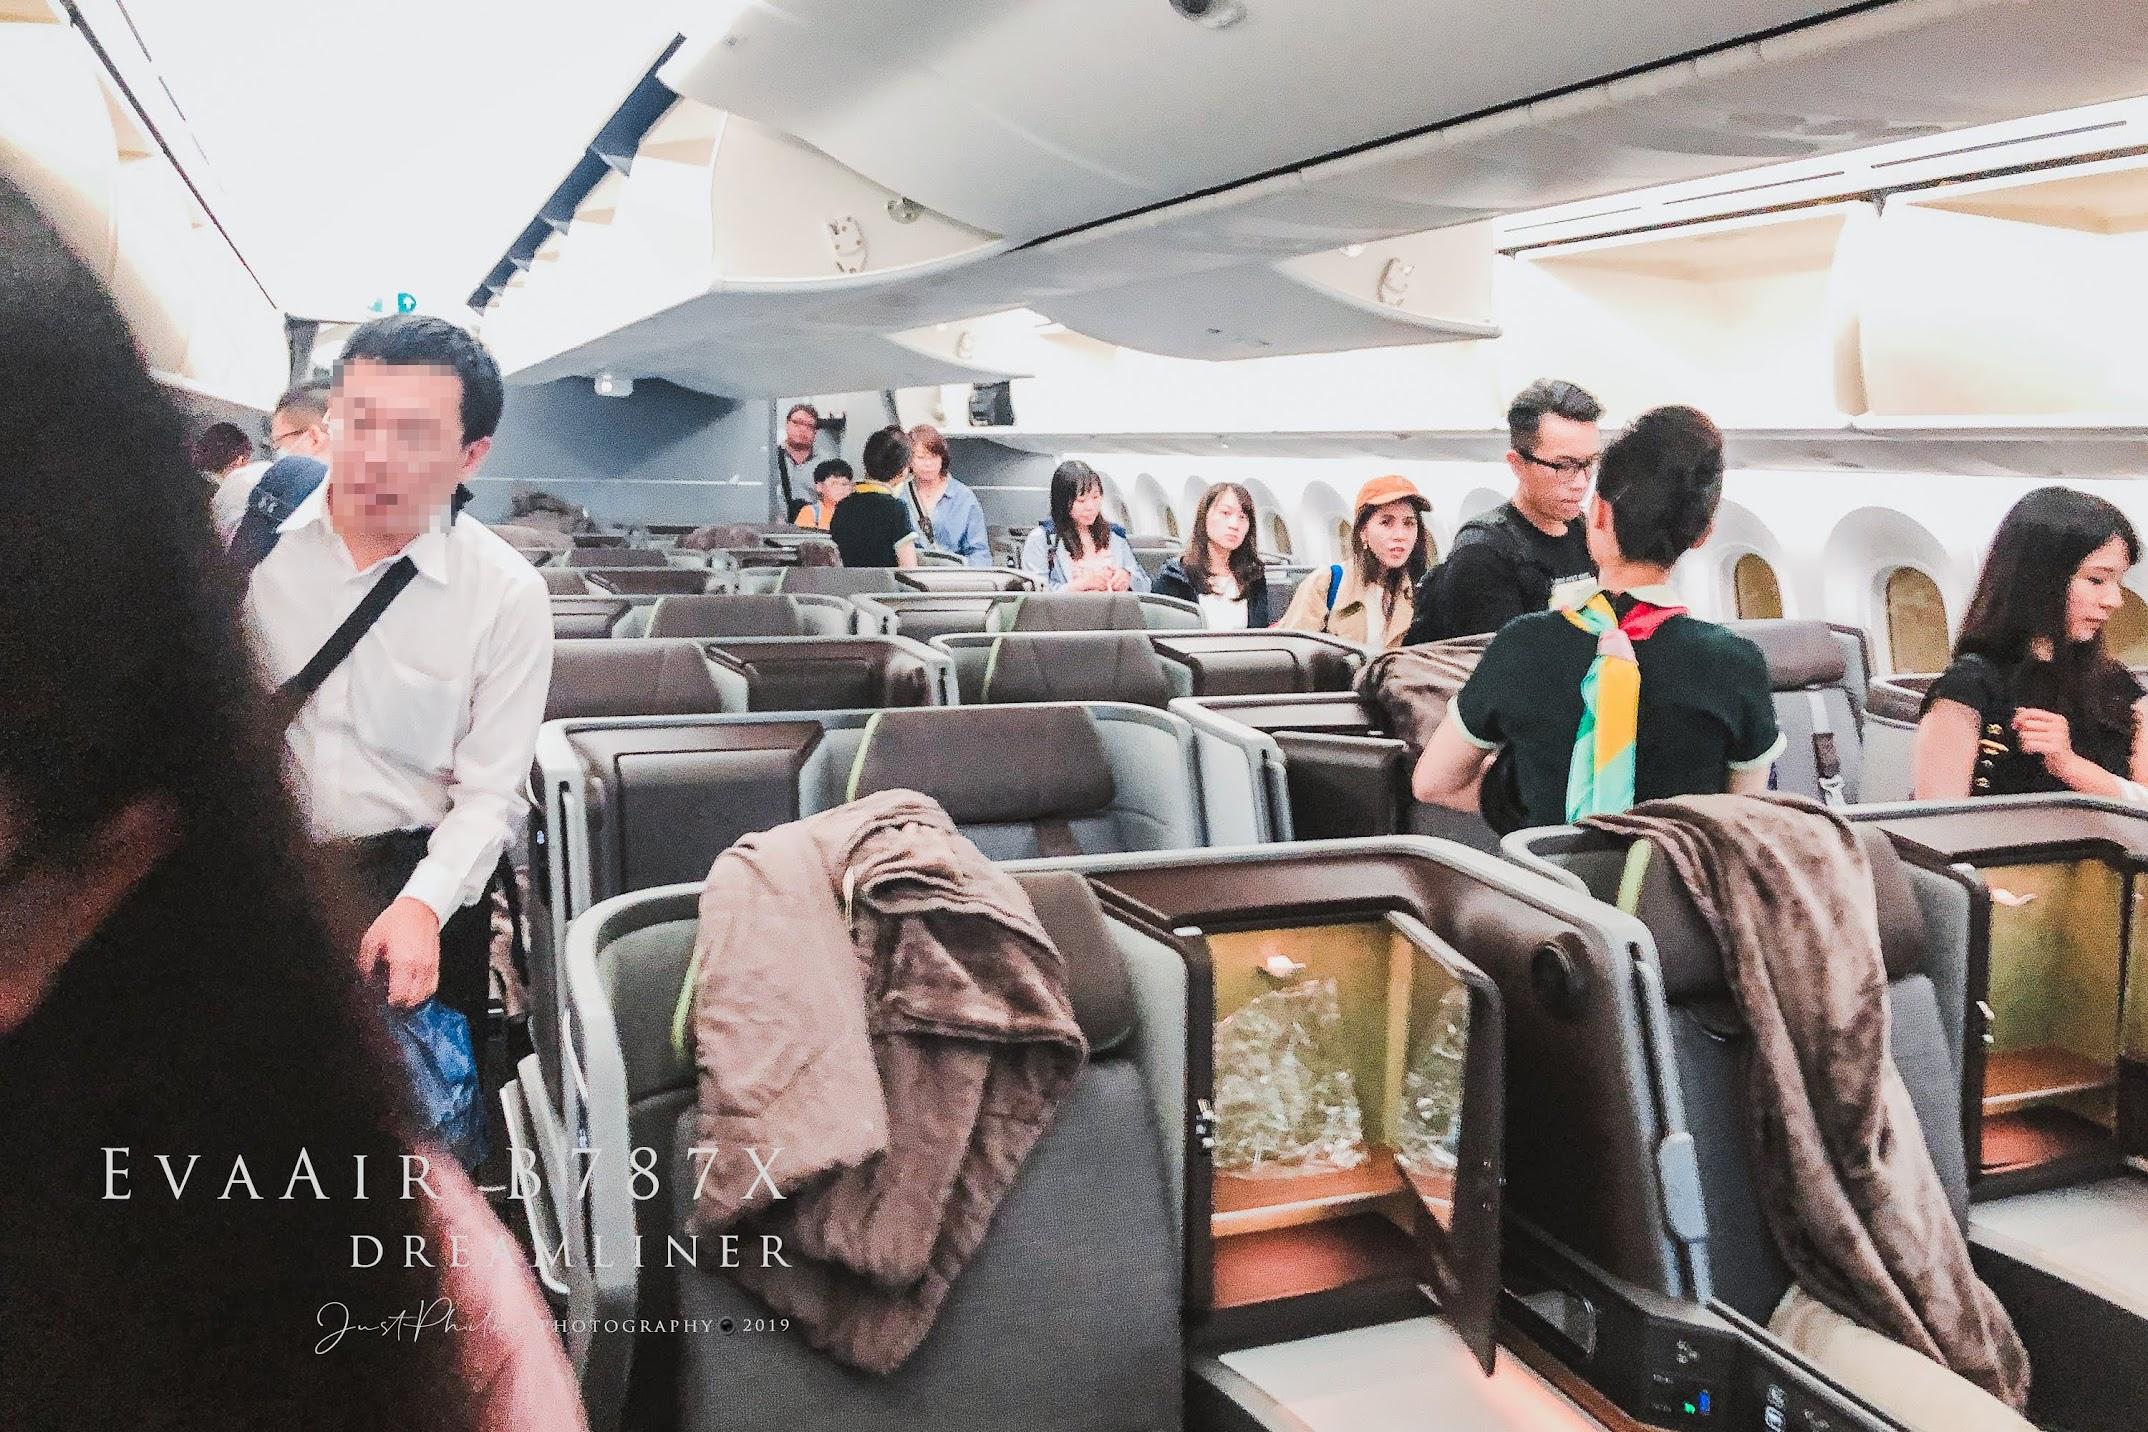 抵達桃園機場下飛機前因為有開放前方的商務艙機門,趁機拍了一下商務艙的配置,只能說B787的商務艙看起來昔當舒適。